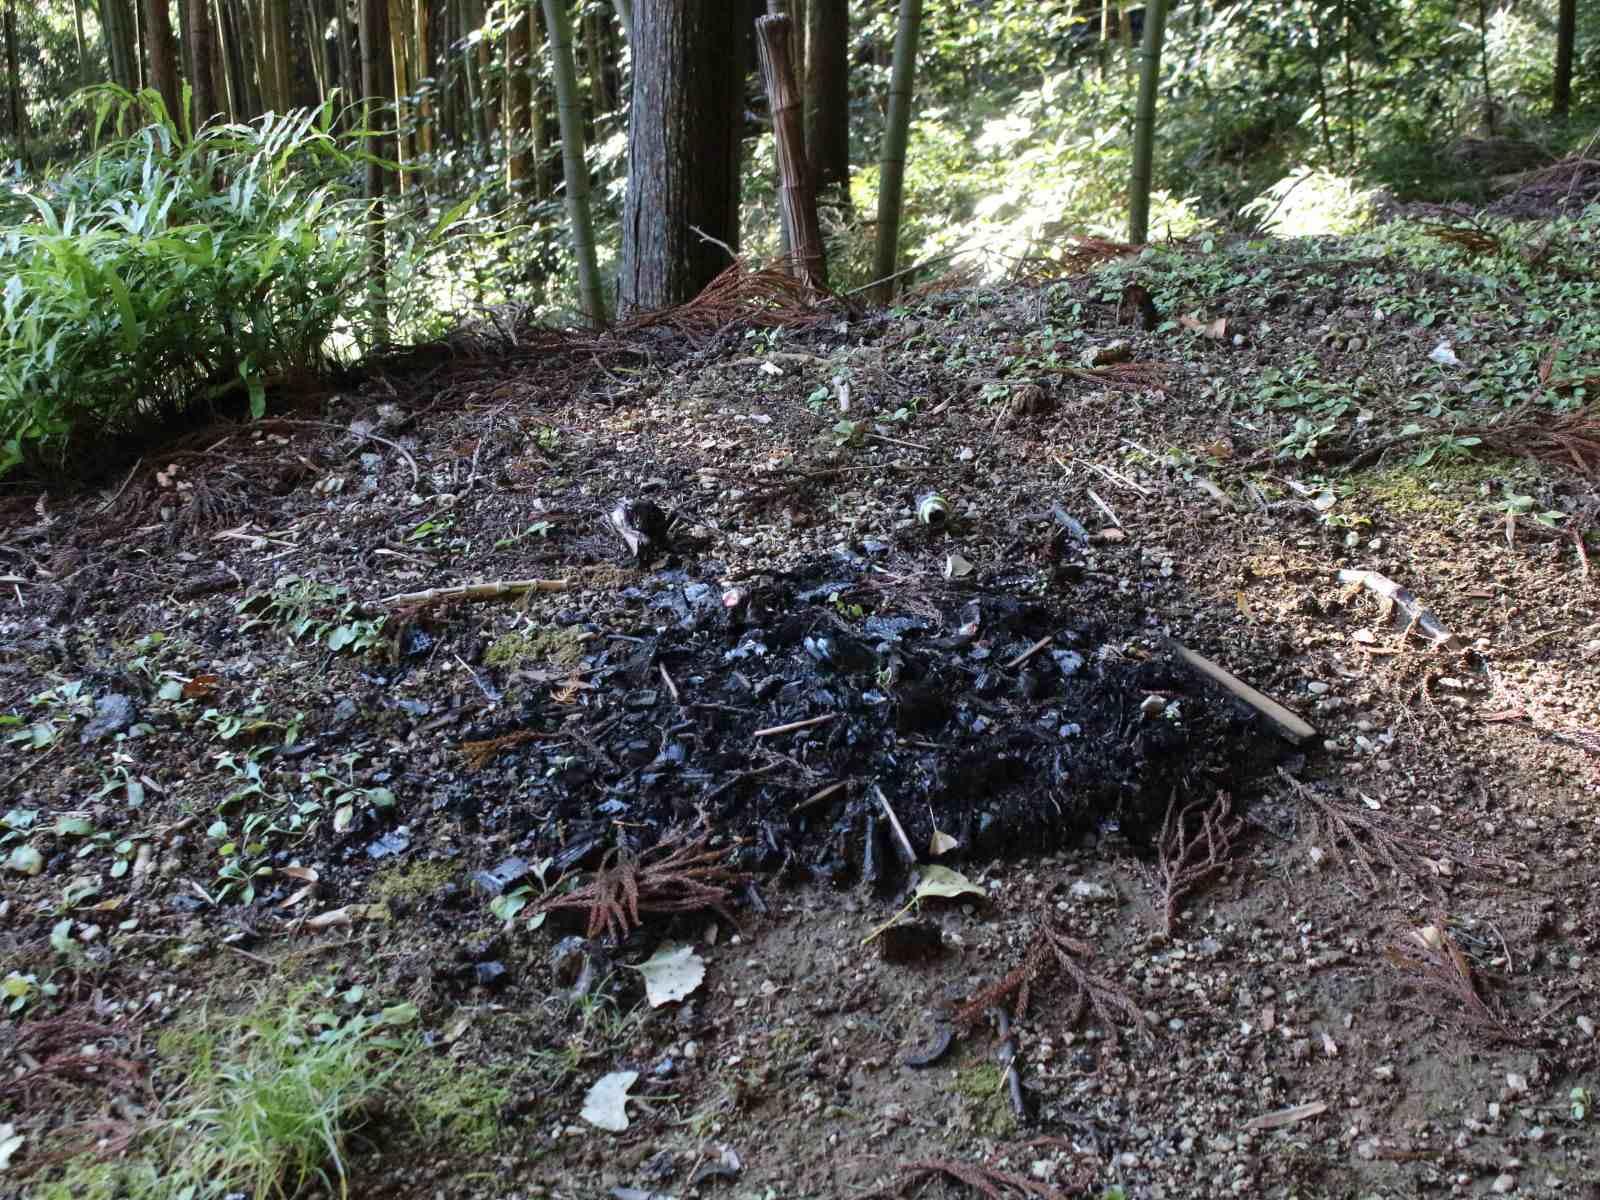 十二支神社の謎の焼け跡